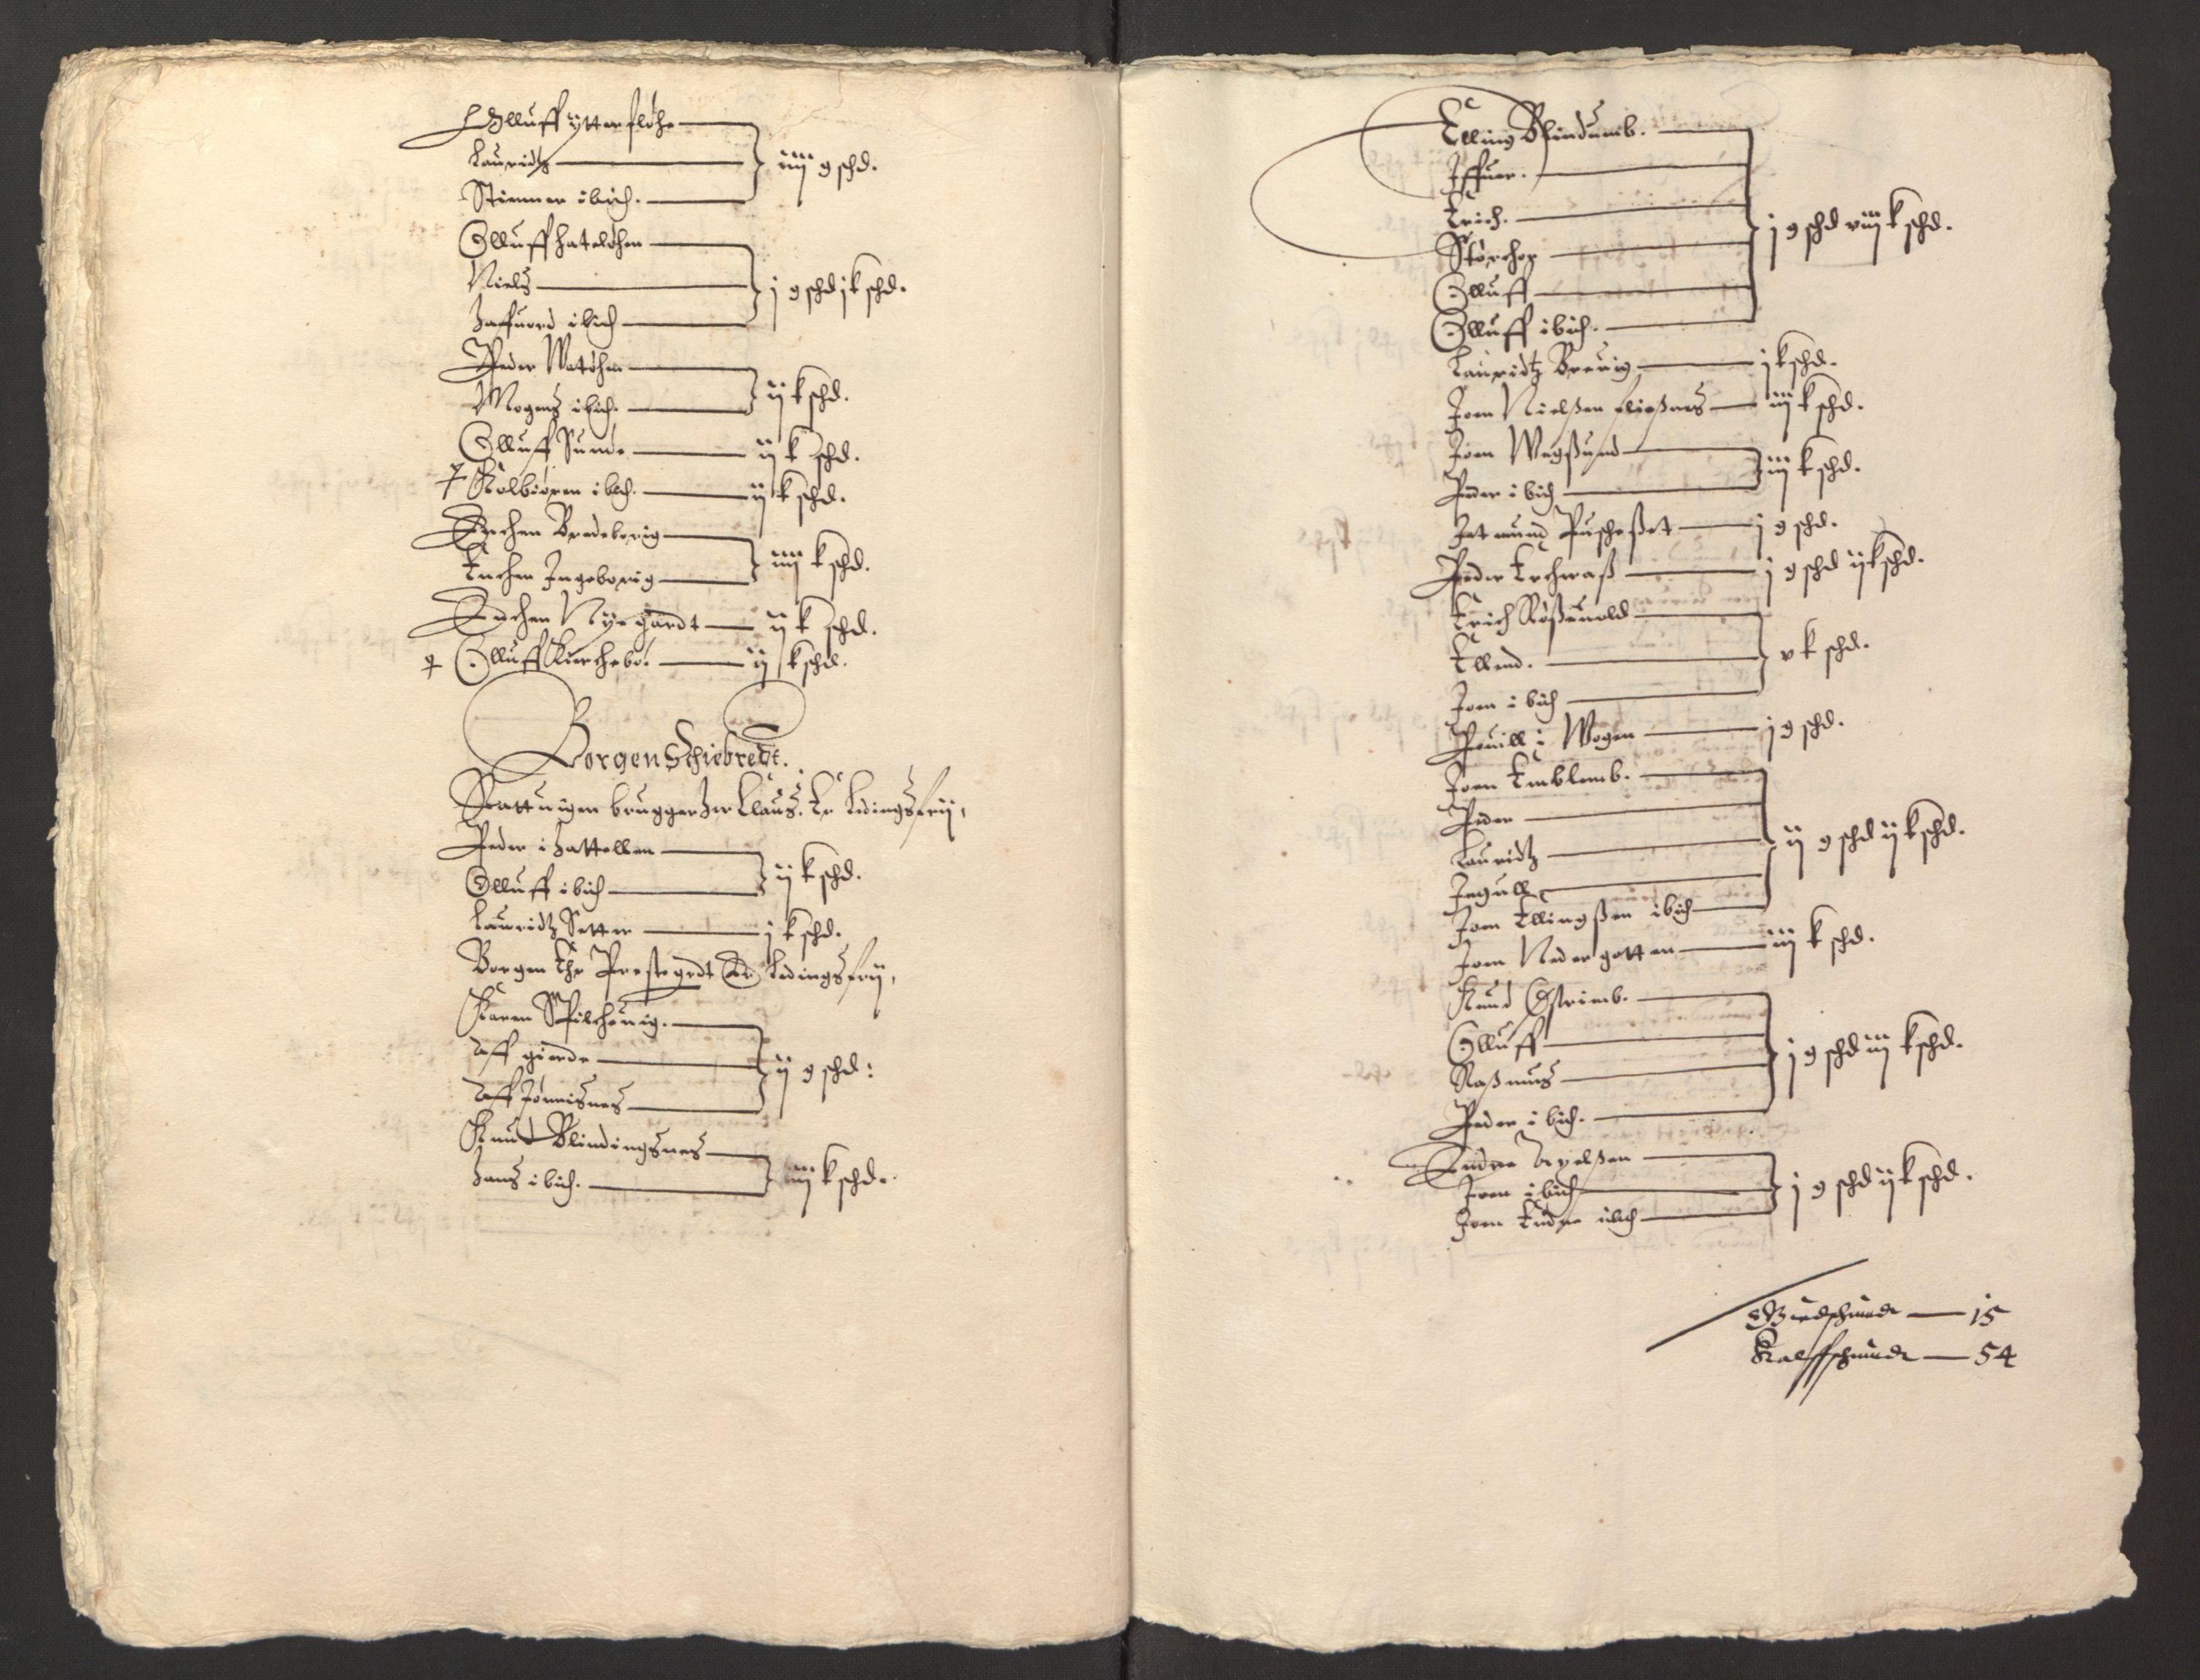 RA, Stattholderembetet 1572-1771, Ek/L0003: Jordebøker til utlikning av garnisonsskatt 1624-1626:, 1624-1625, s. 330